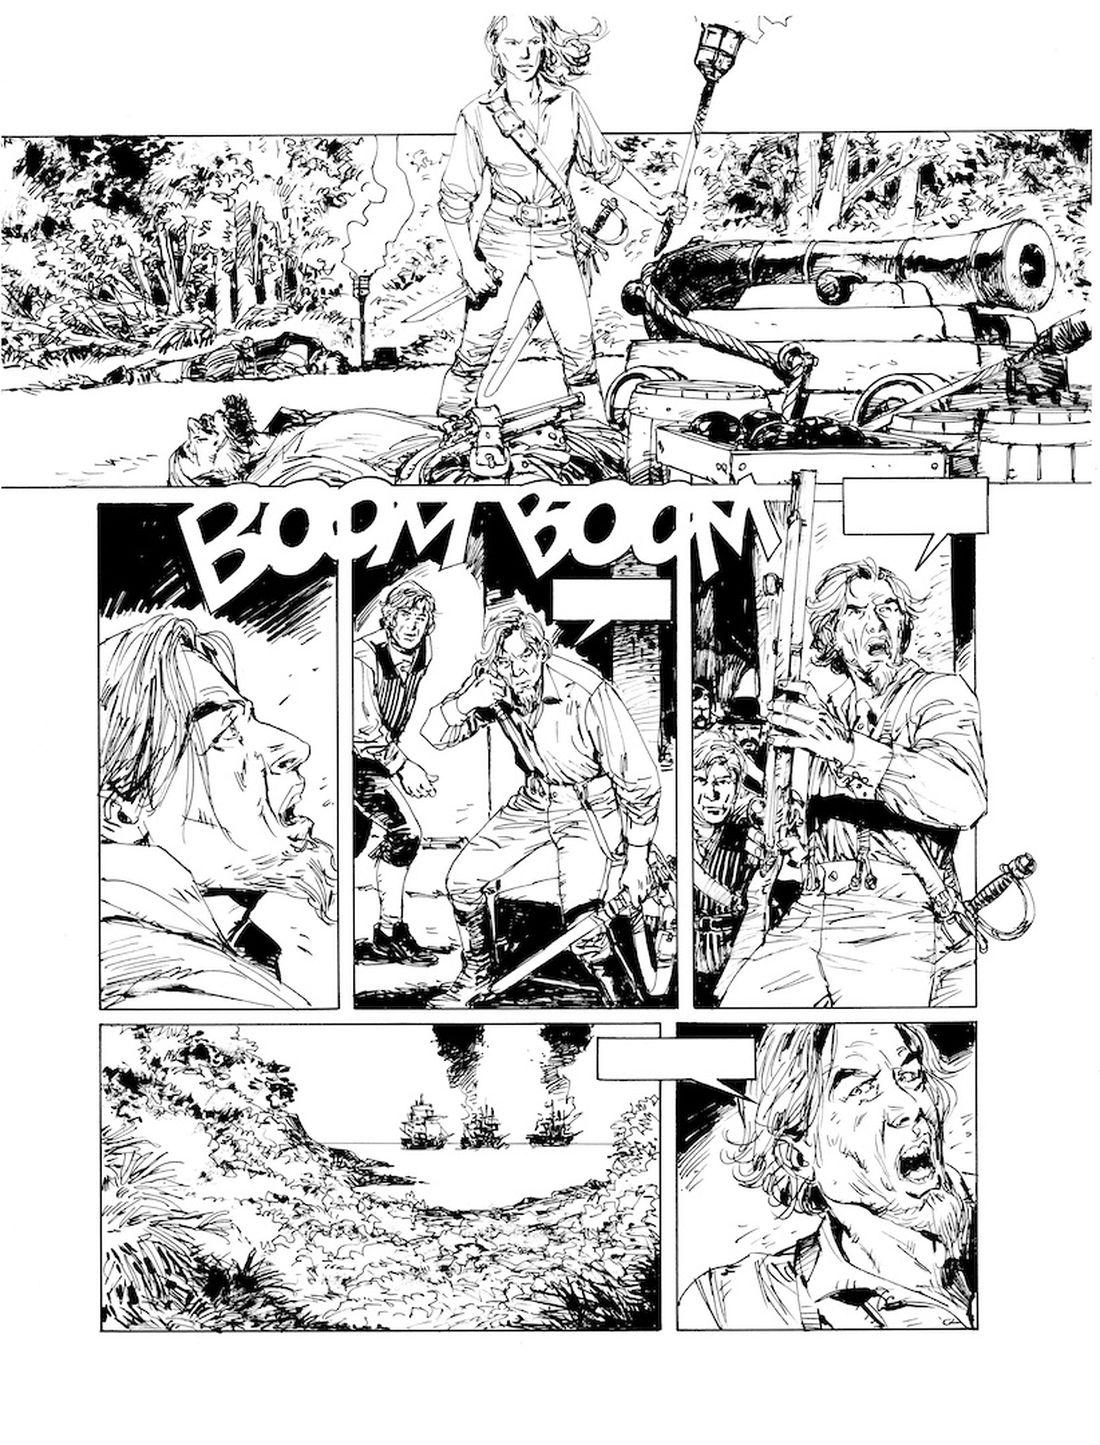 l'Art du Crime, version noir & blanc de la page 41 du tome 3 © Glénat / Mauro / Omeyer / Berlion